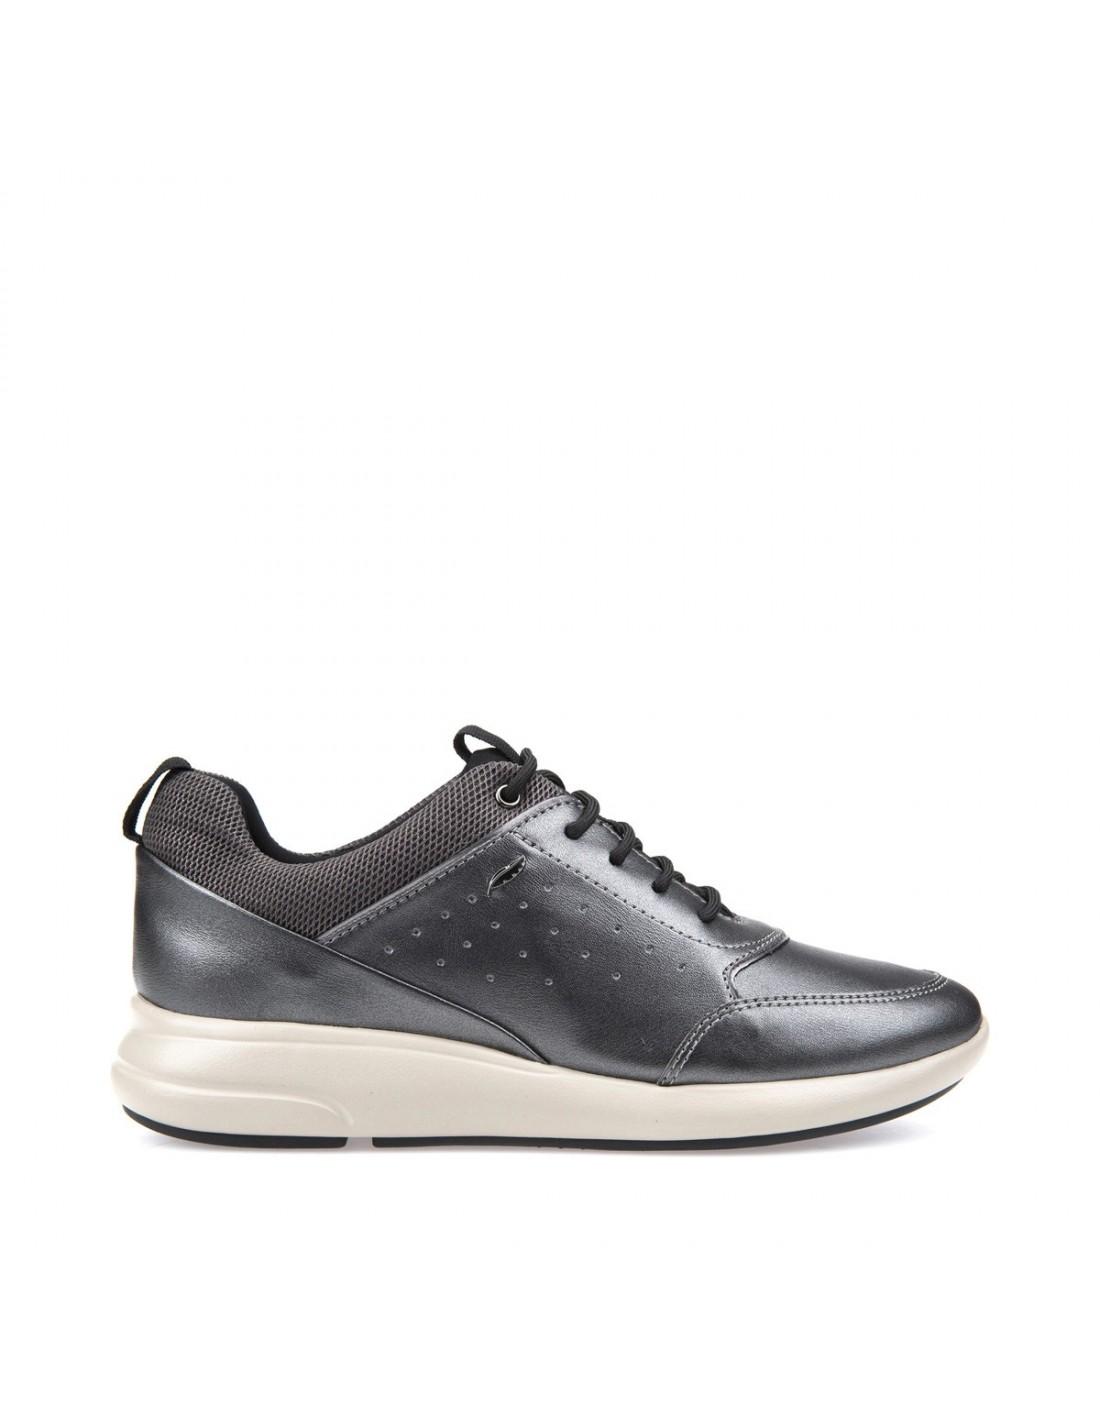 scarpe da corsa scarpe autunnali prezzo abbordabile